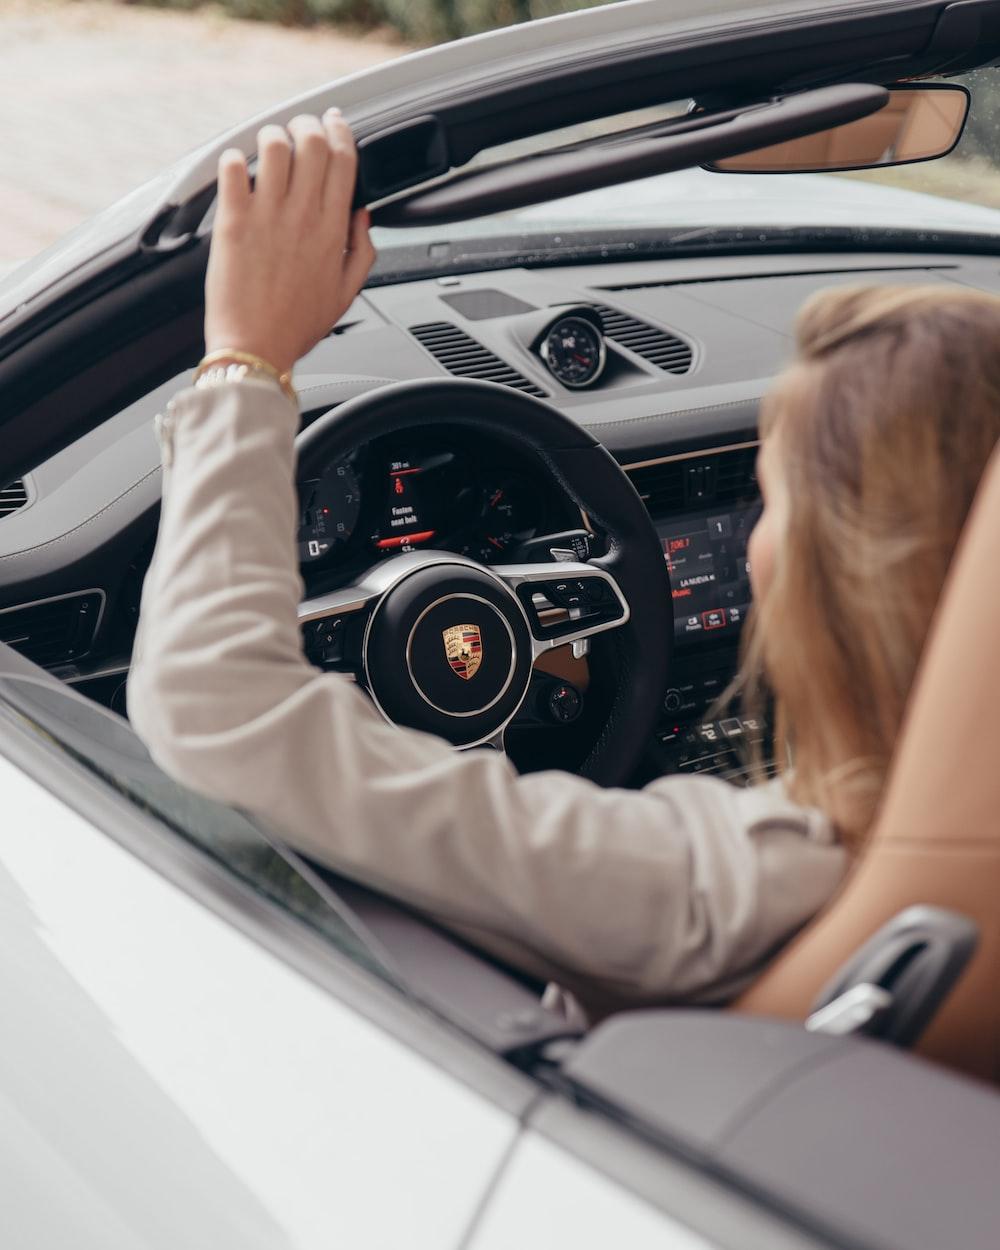 woman driving Cadillac vehicle